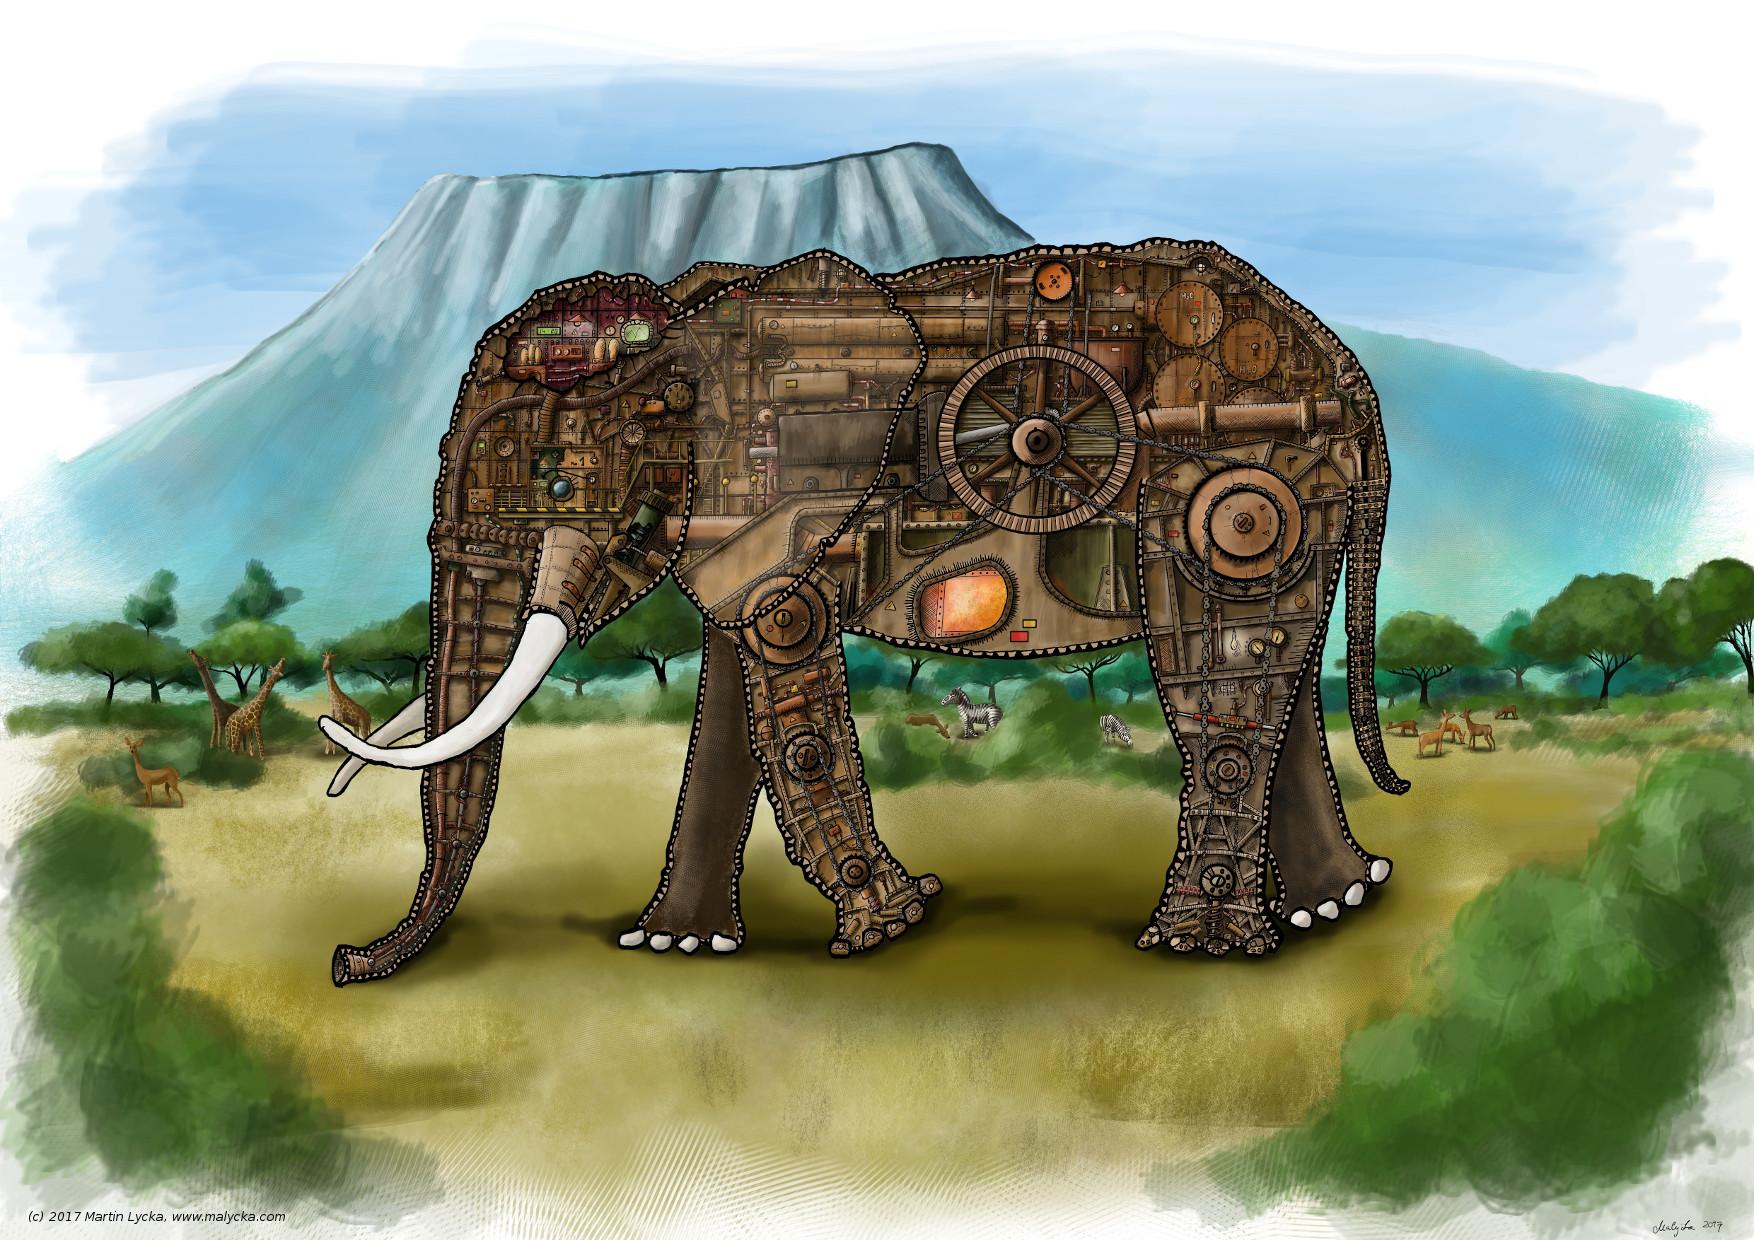 Artstation Elephants Anatomy Martin Lyka